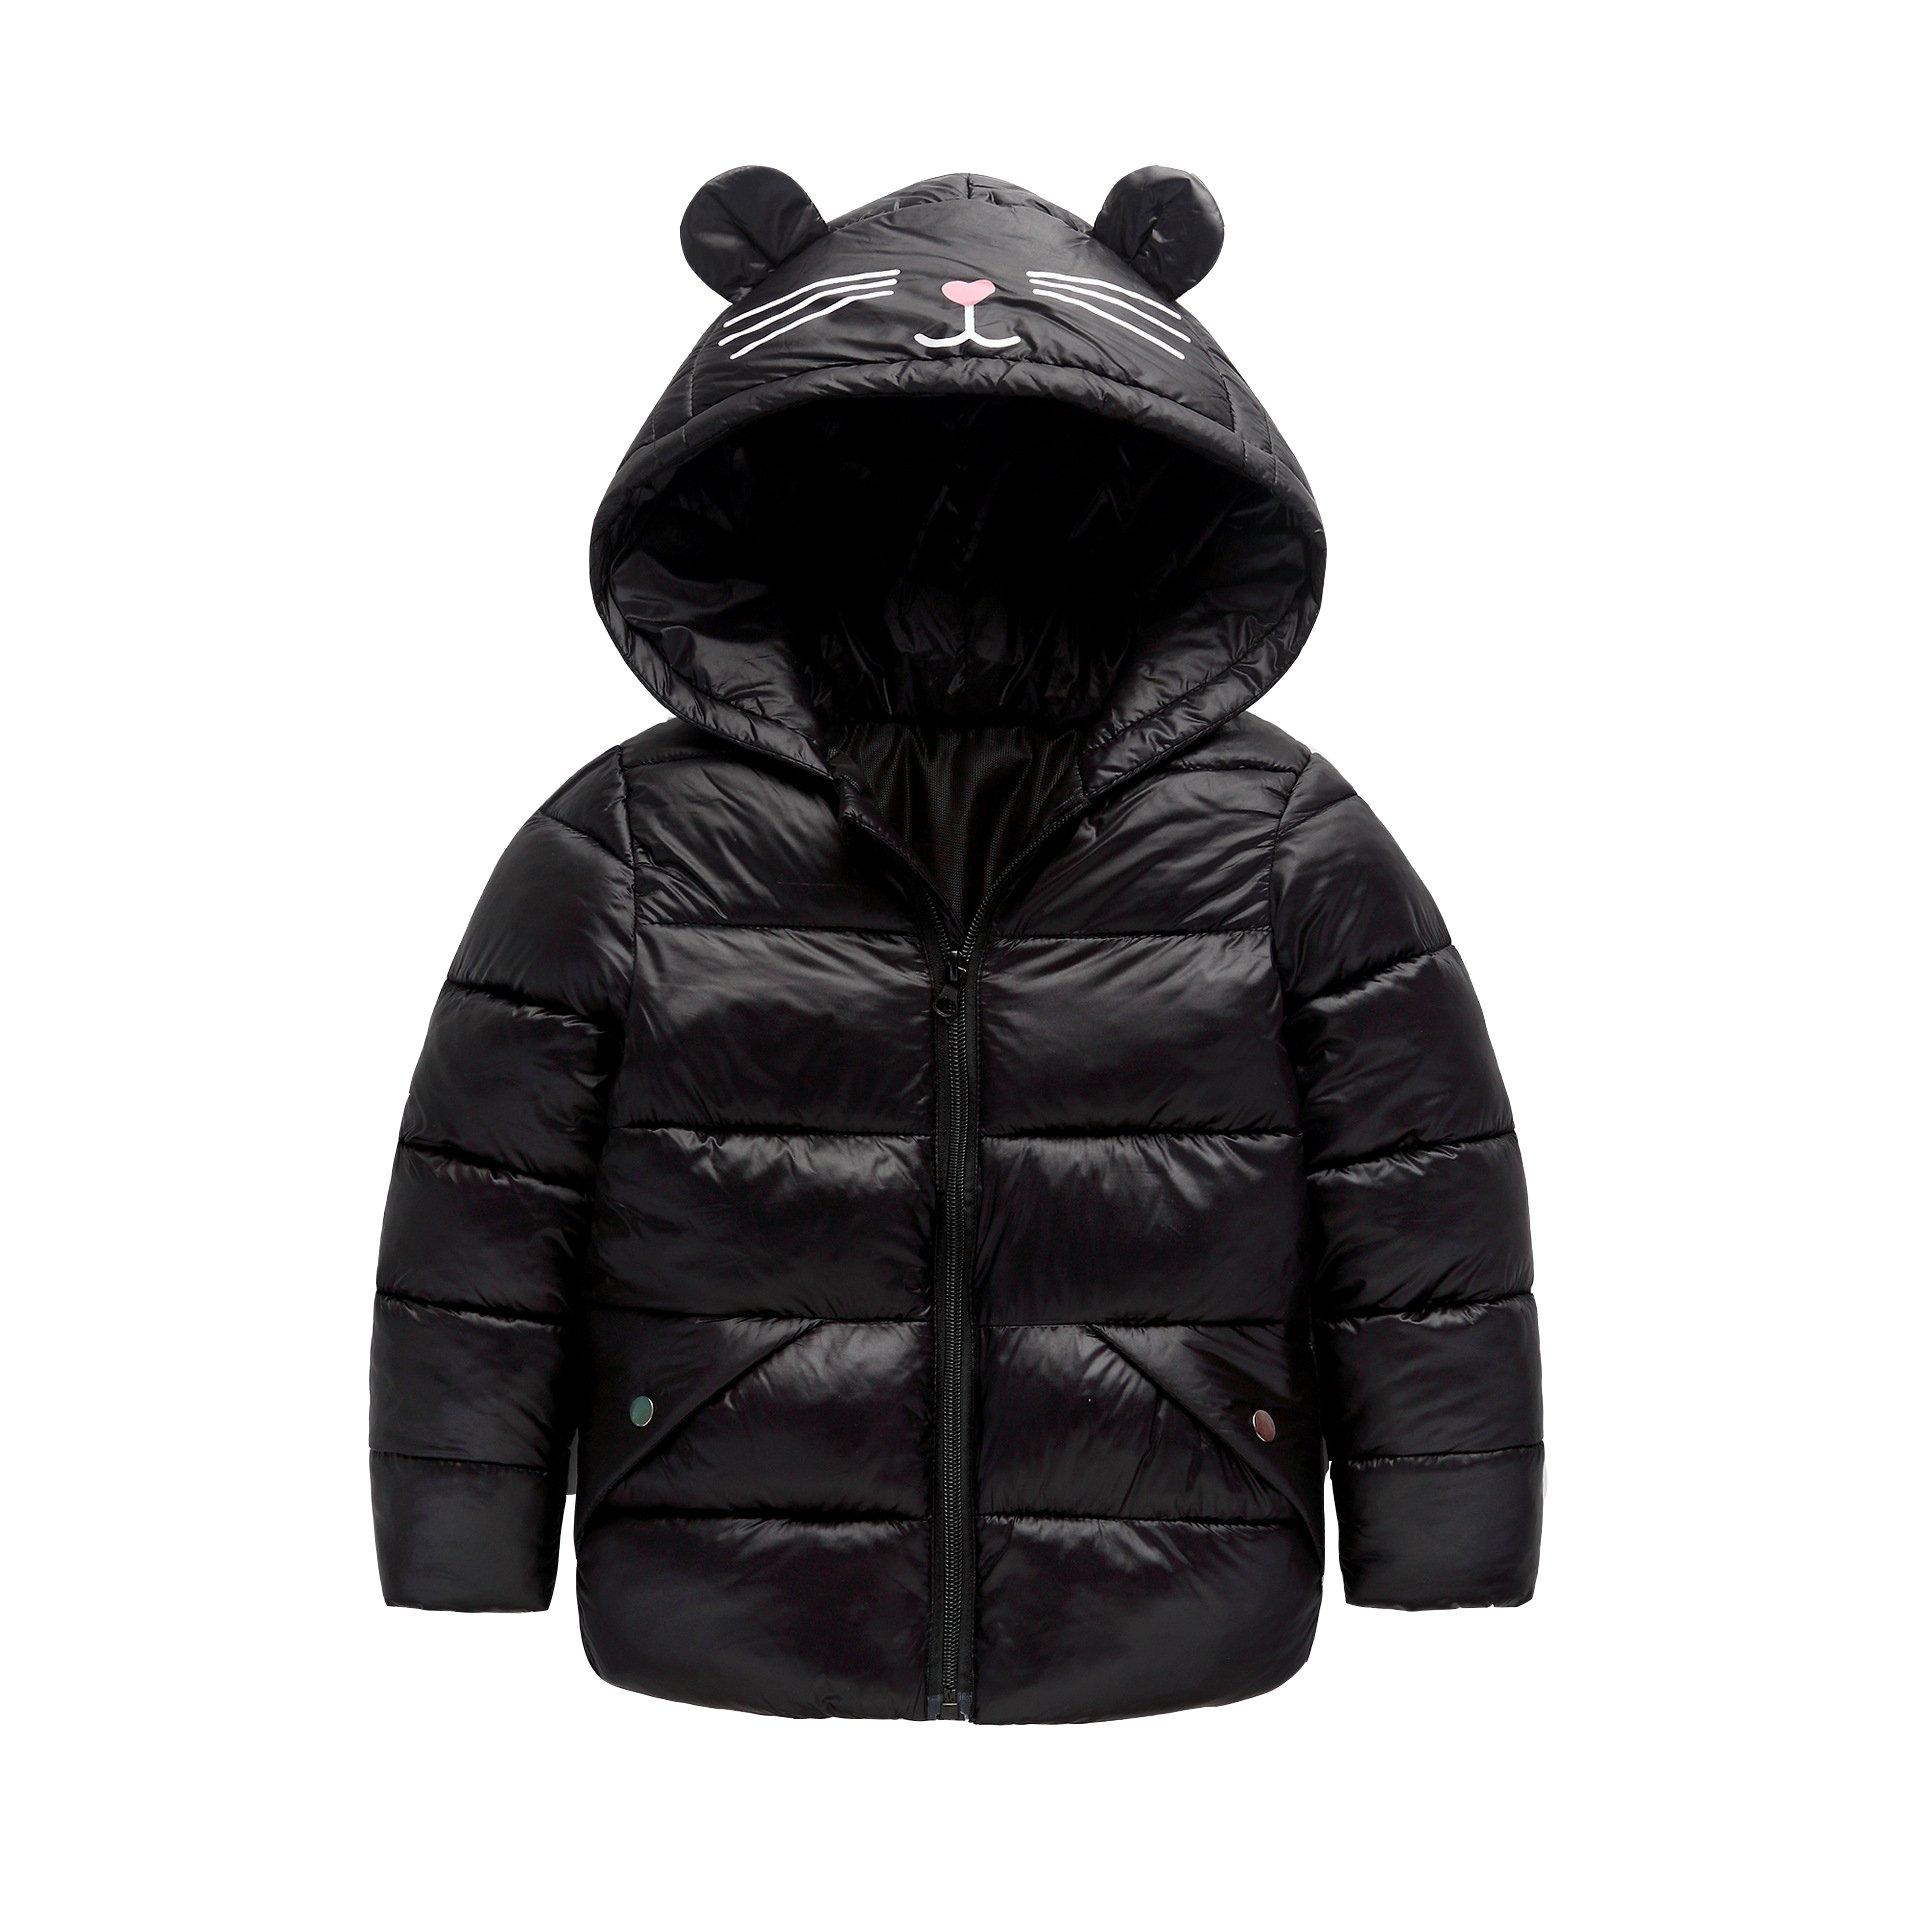 Fairy Baby Baby Boys Girls Winter Ultra Light Down Jacket Kids Ear Warm Coat Hoodie Outwear Size 1-2T (Black)